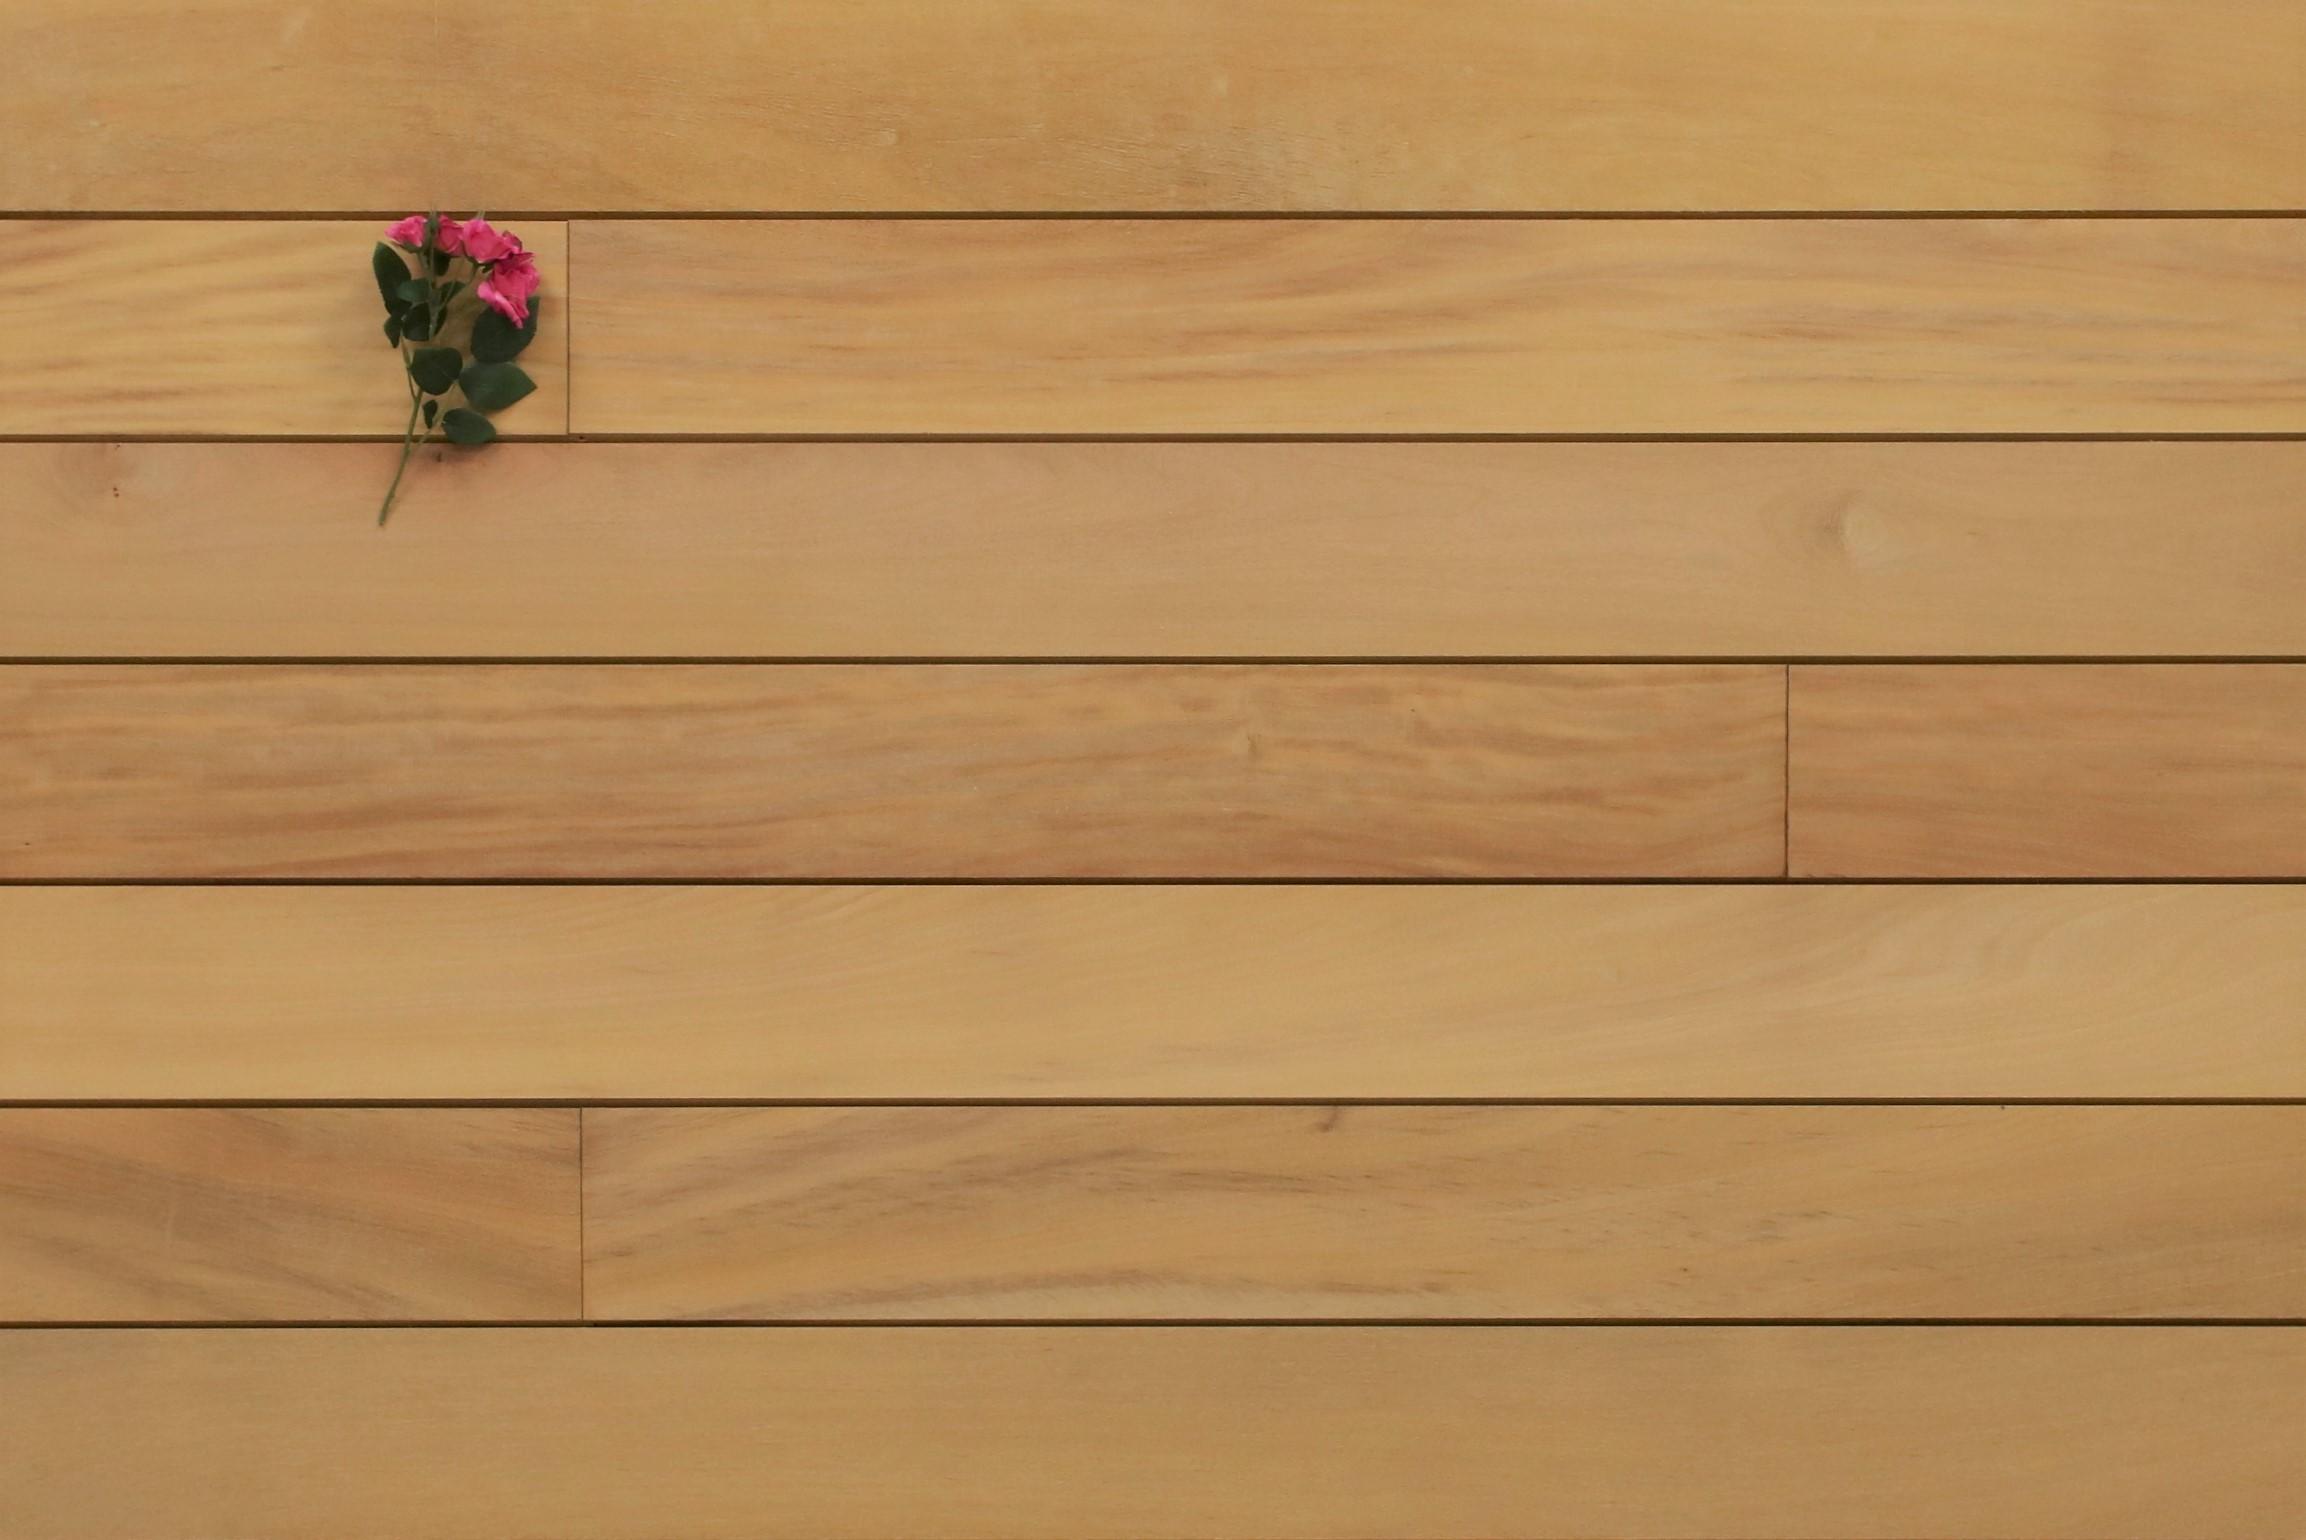 Garapa Terrassendielen, glatt, mit Wechselfalz und stirnseitig Nut / Feder Verbindung, 21 x 125 bis 2750 mm, Premium (KD) für 8,90 €/lfm